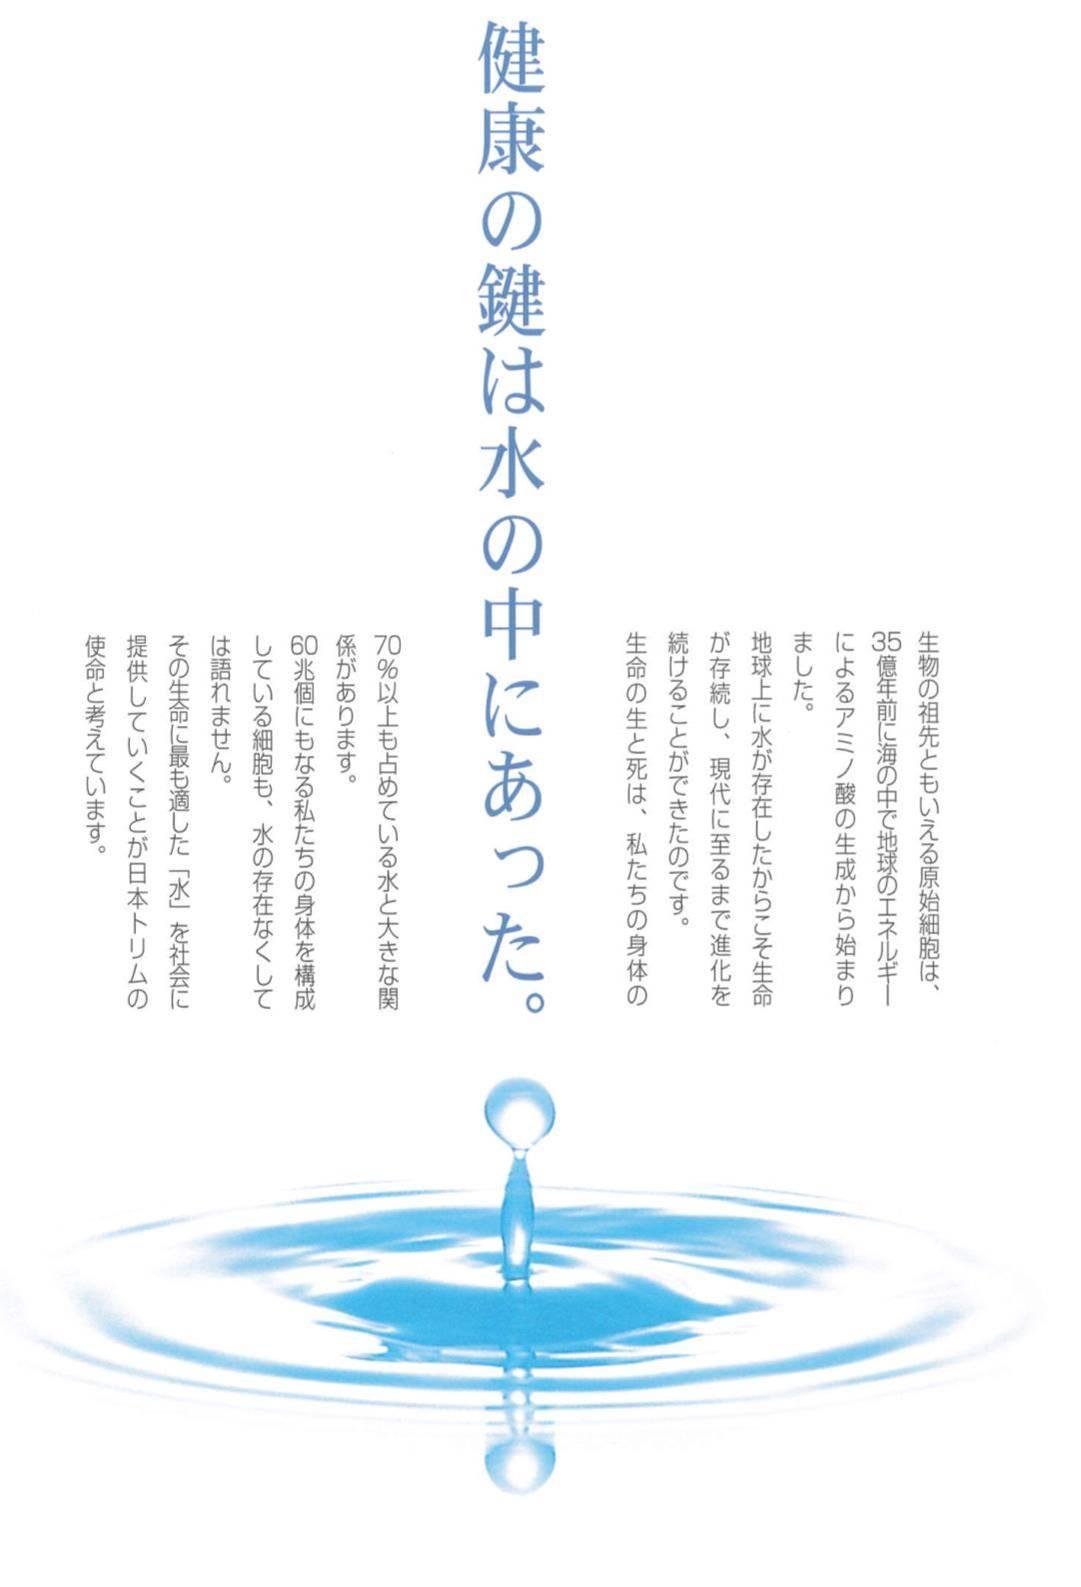 健康の鍵は水の中にあった